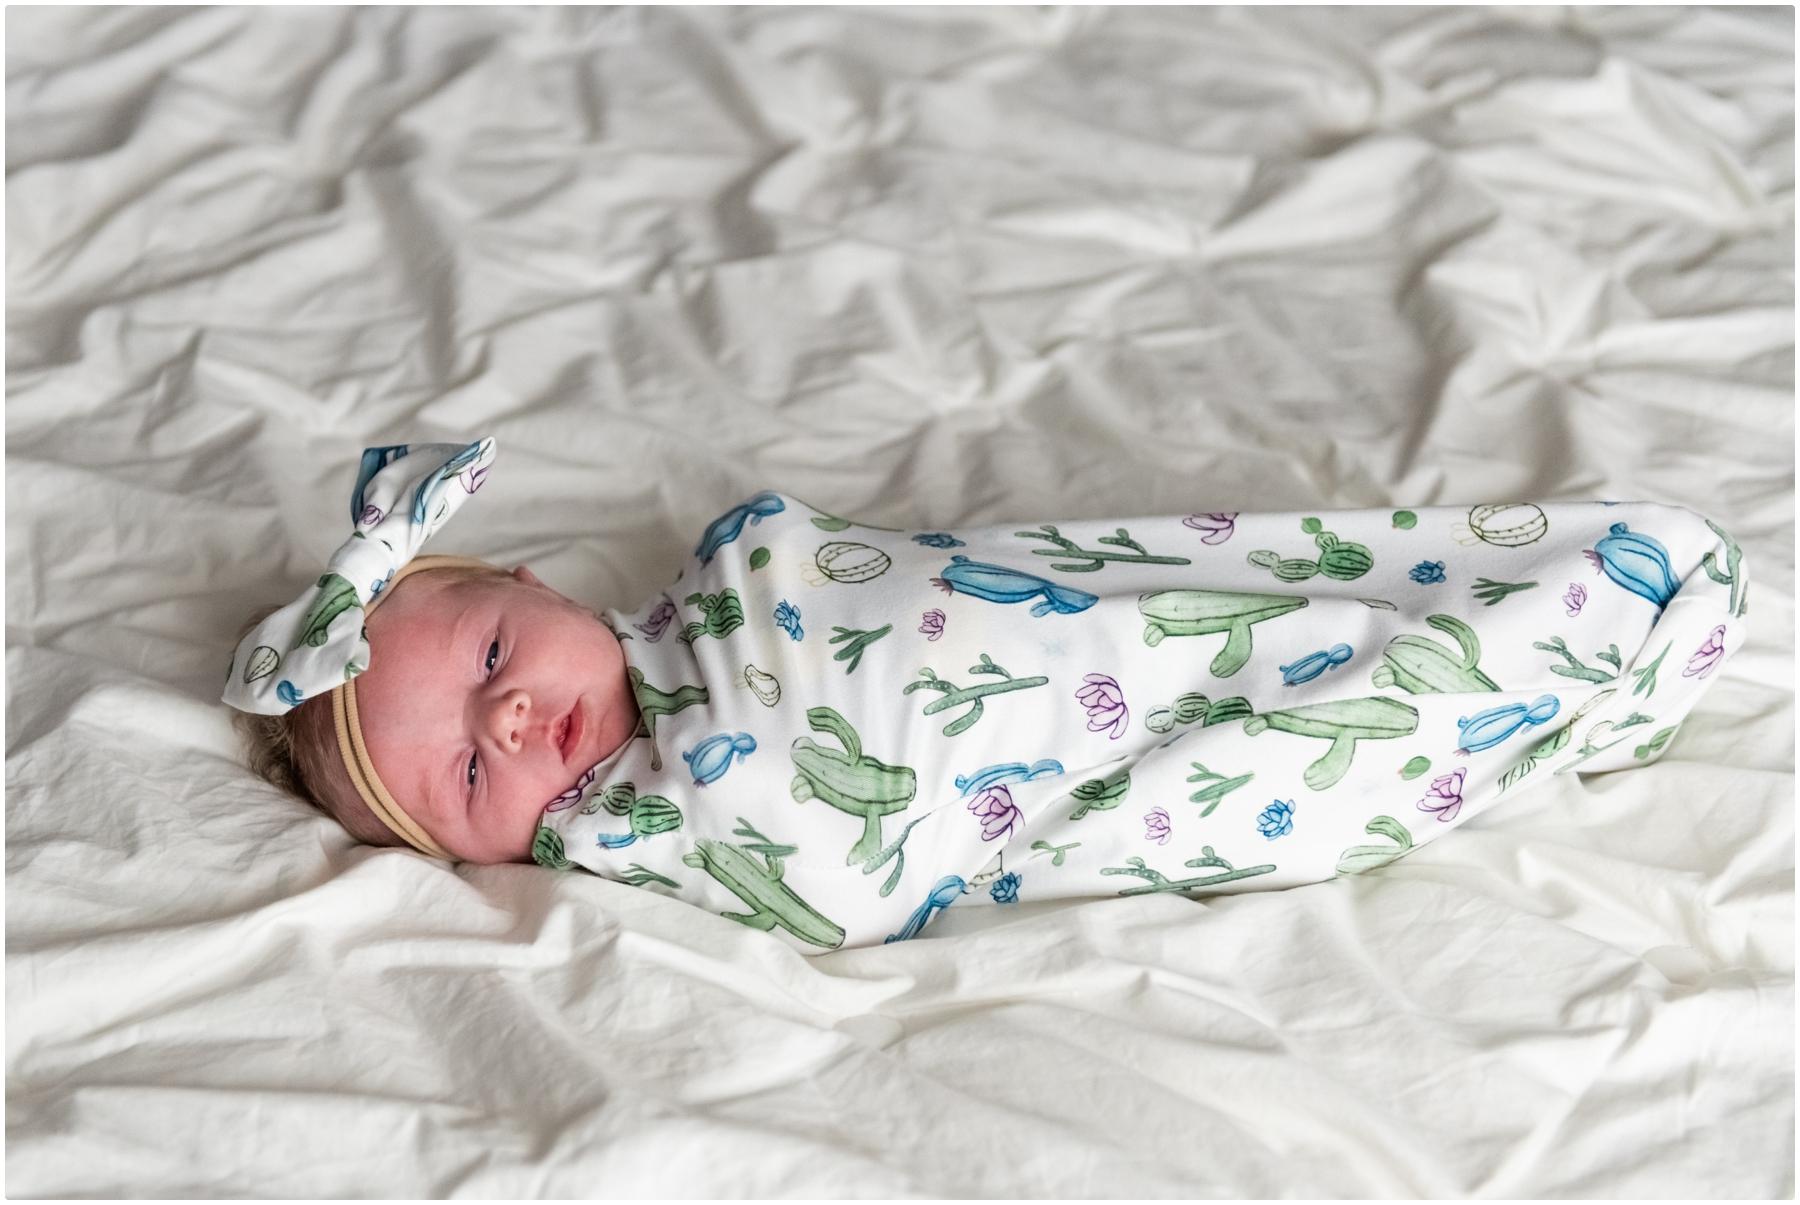 Calgary Newborn Photographer Calgary - Family At Home Newborn Photography